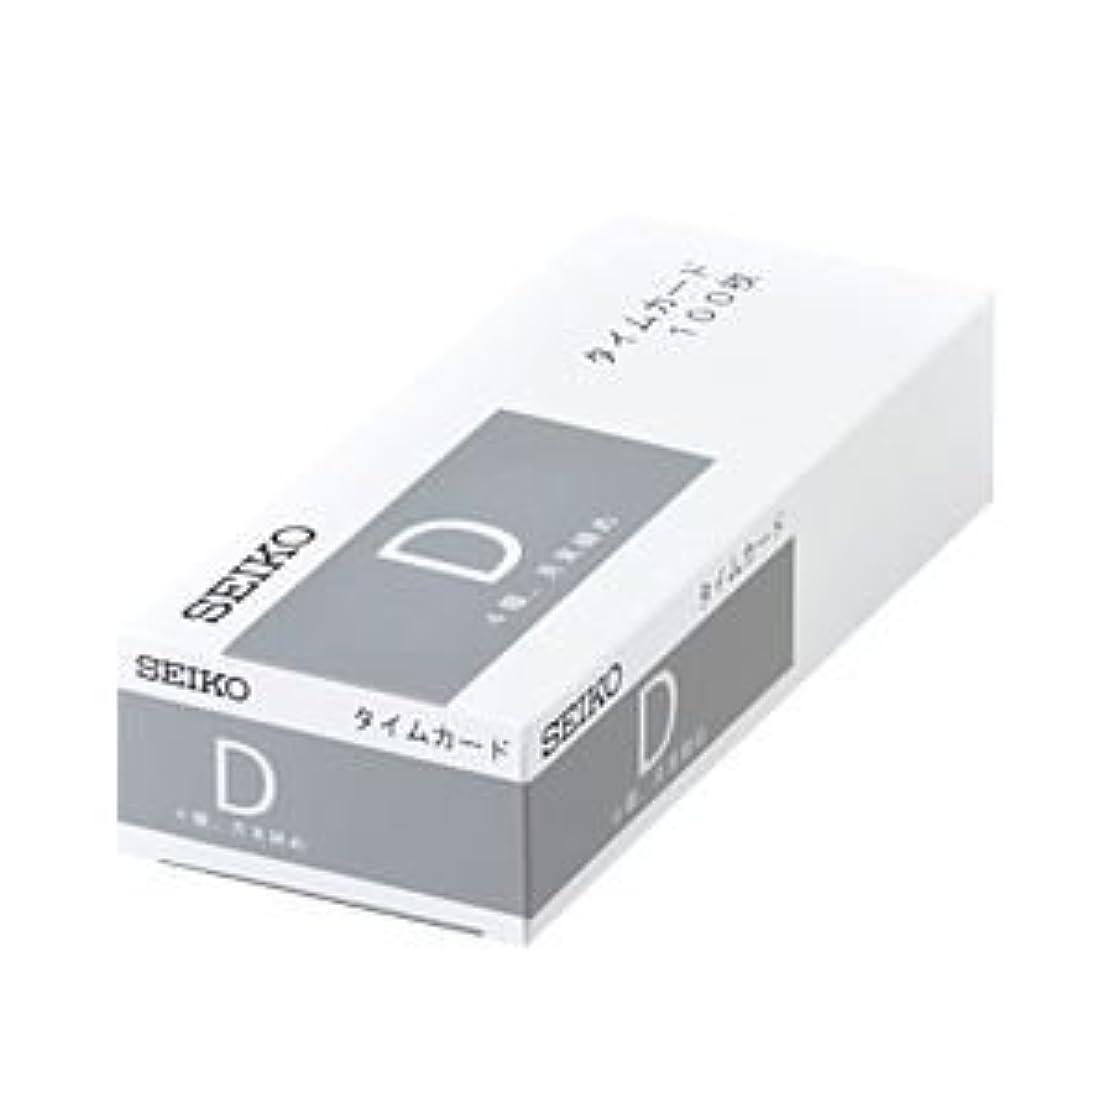 ラベンダー支援断片(業務用セット) セイコー タイムカード 片面印字 月末締め用カード D 【×3セット】